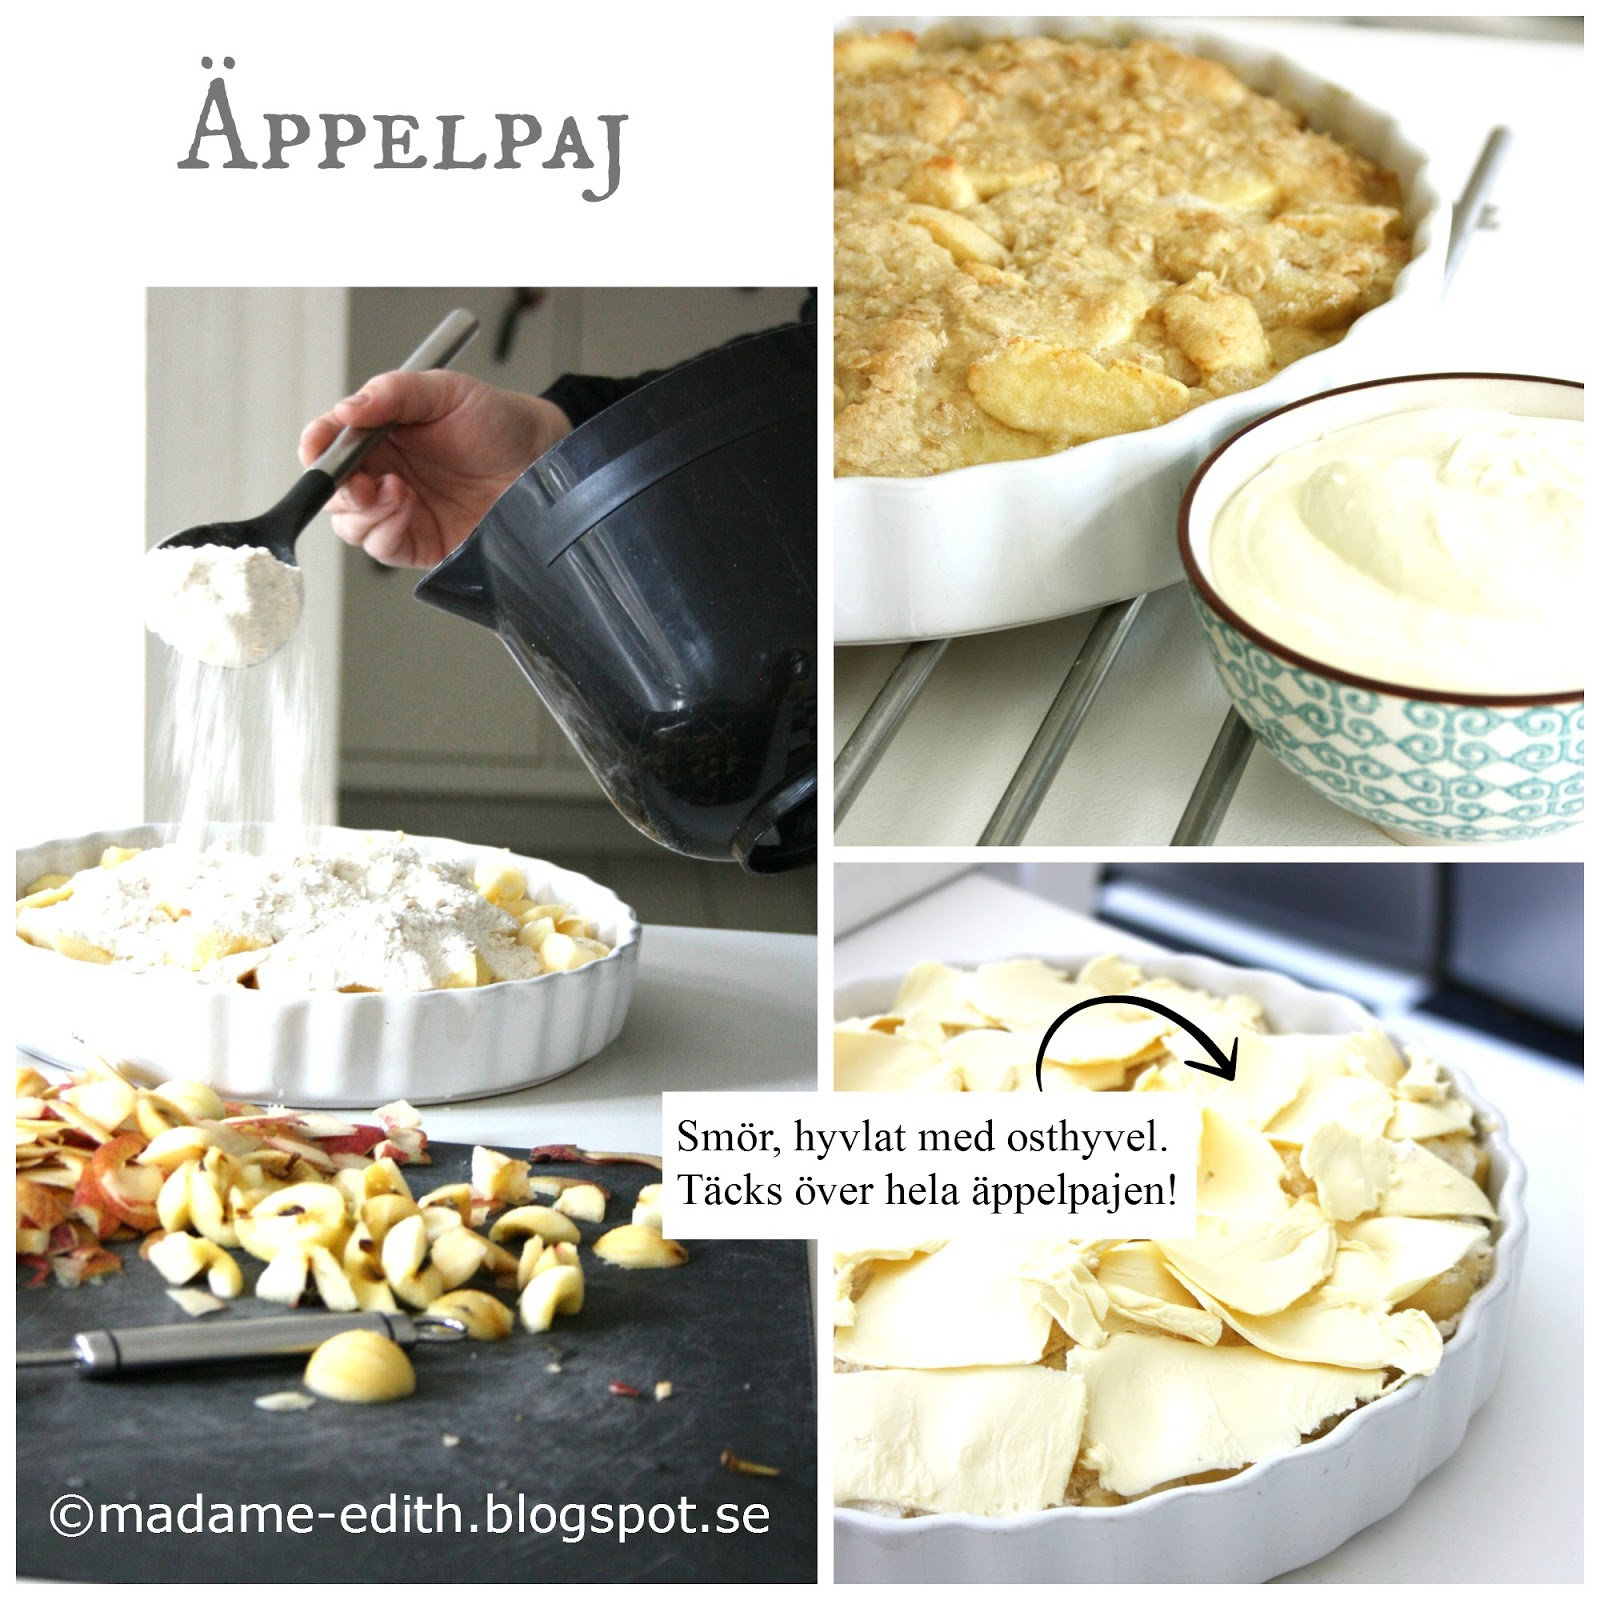 enkel äppelpaj hyvla smör